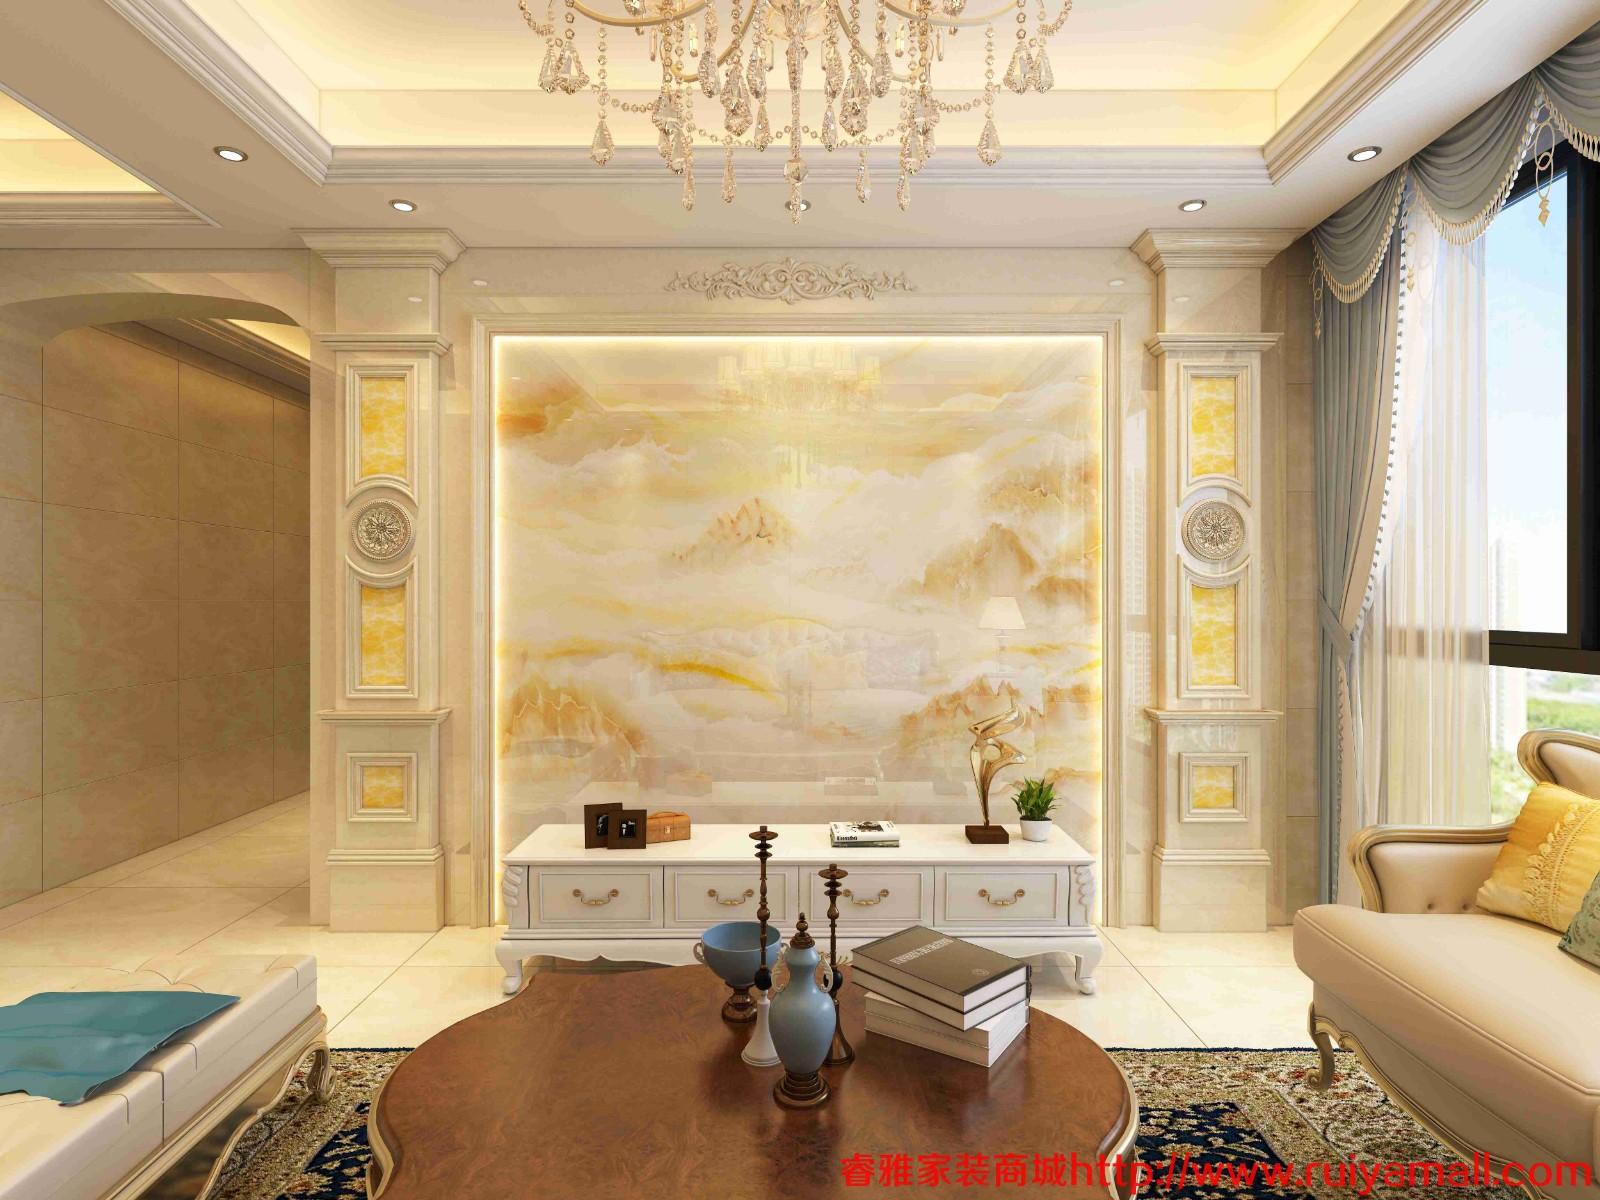 电视背景墙瓷砖现代简约客厅3D微晶石石材边框装饰造型石材护墙板-套餐7